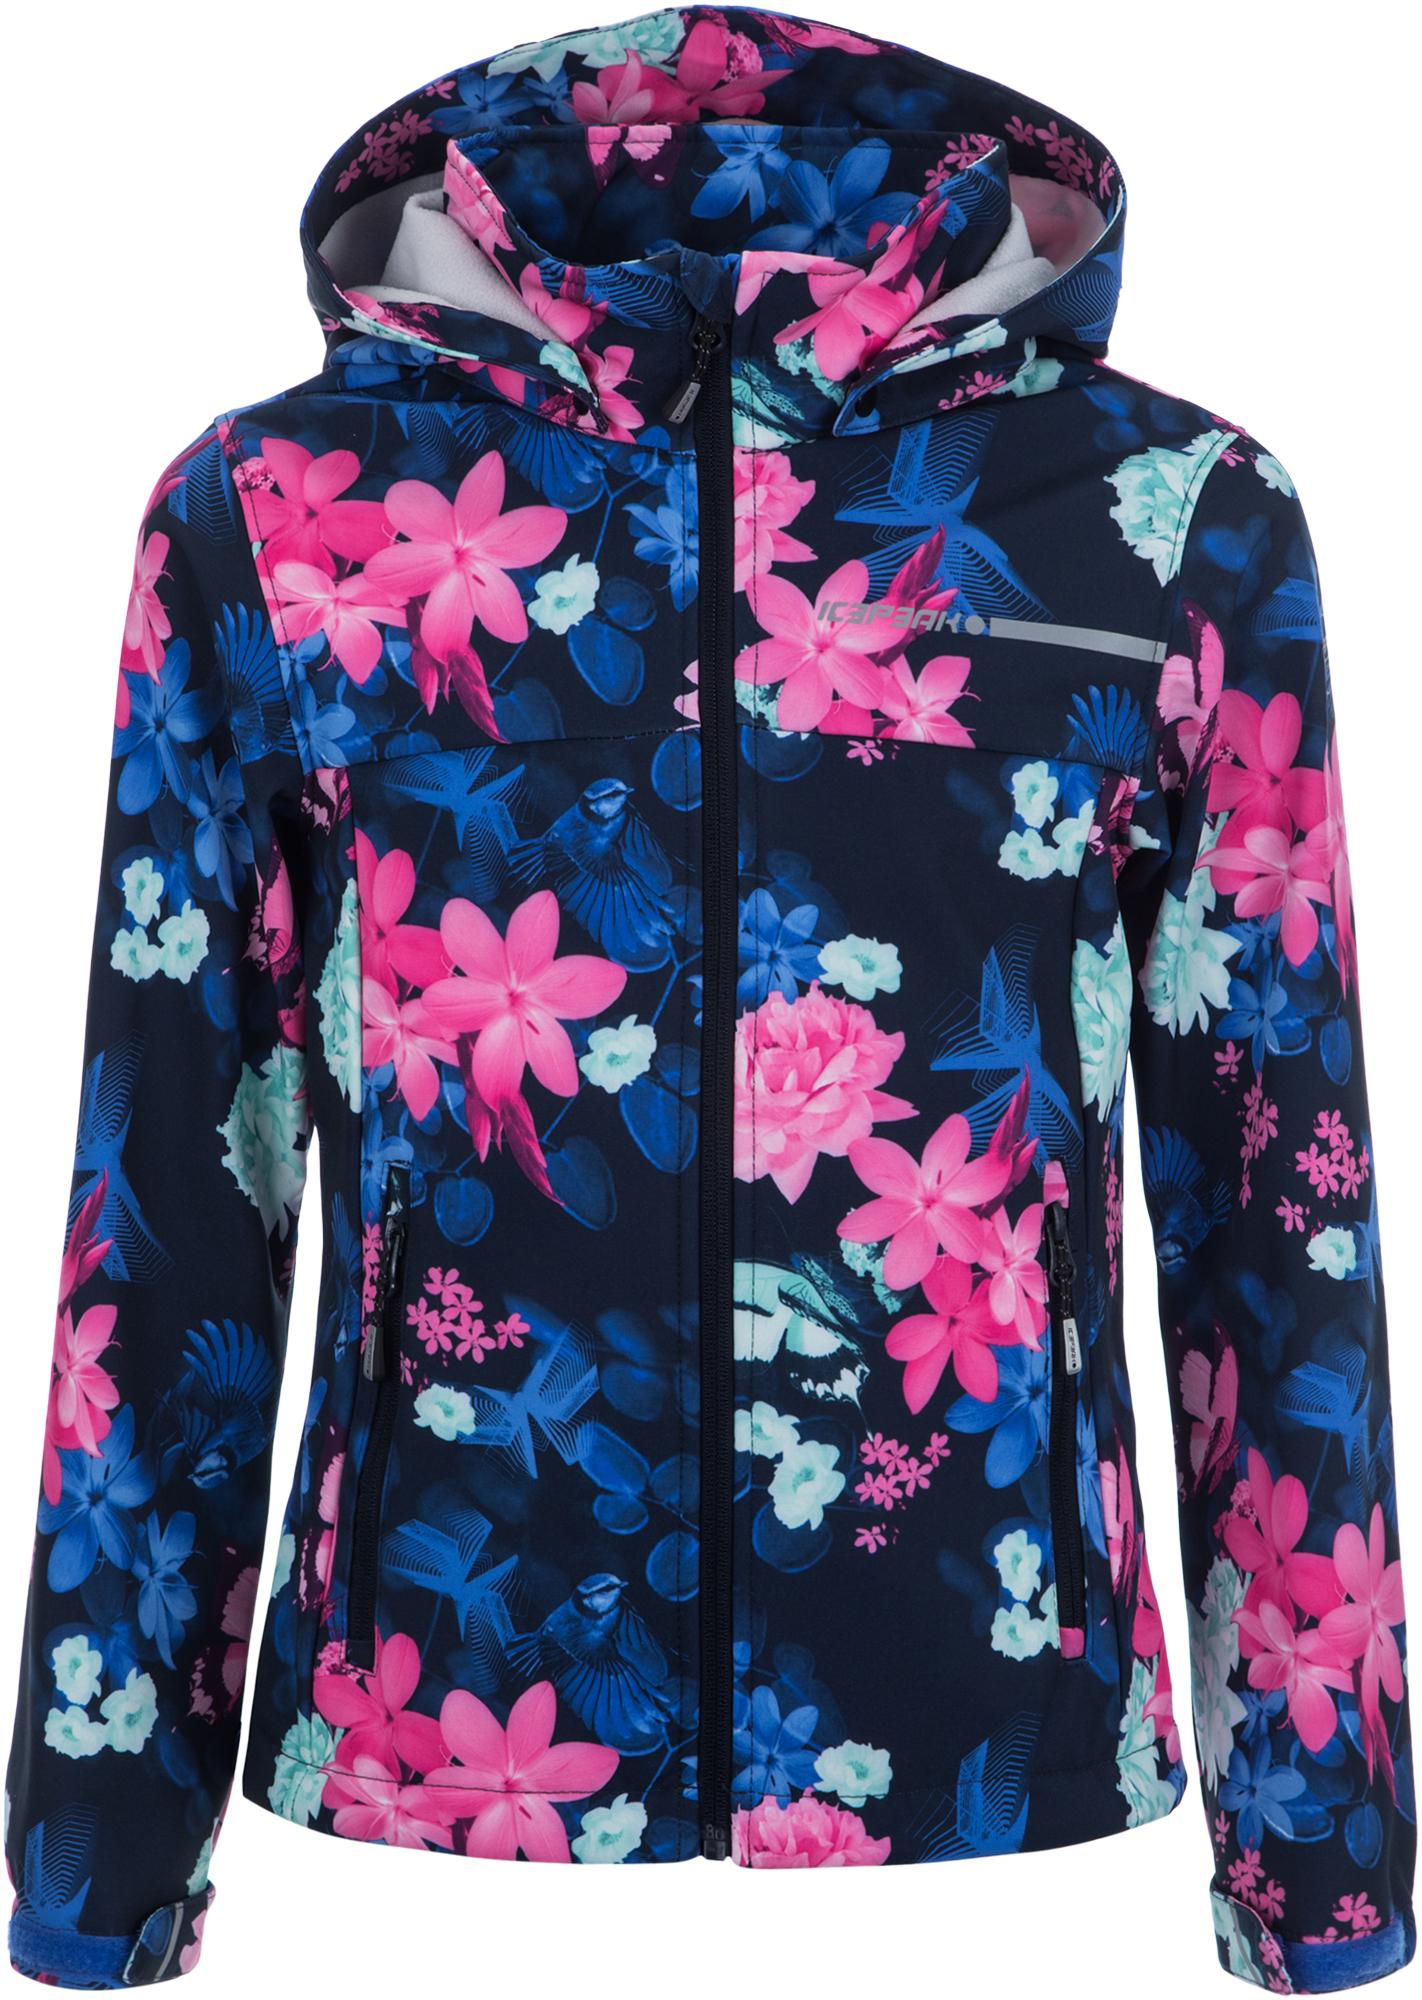 IcePeak Куртка софт-шелл для девочек IcePeak Tamara Jr, размер 164 icepeak шапка для девочек icepeak размер без размера